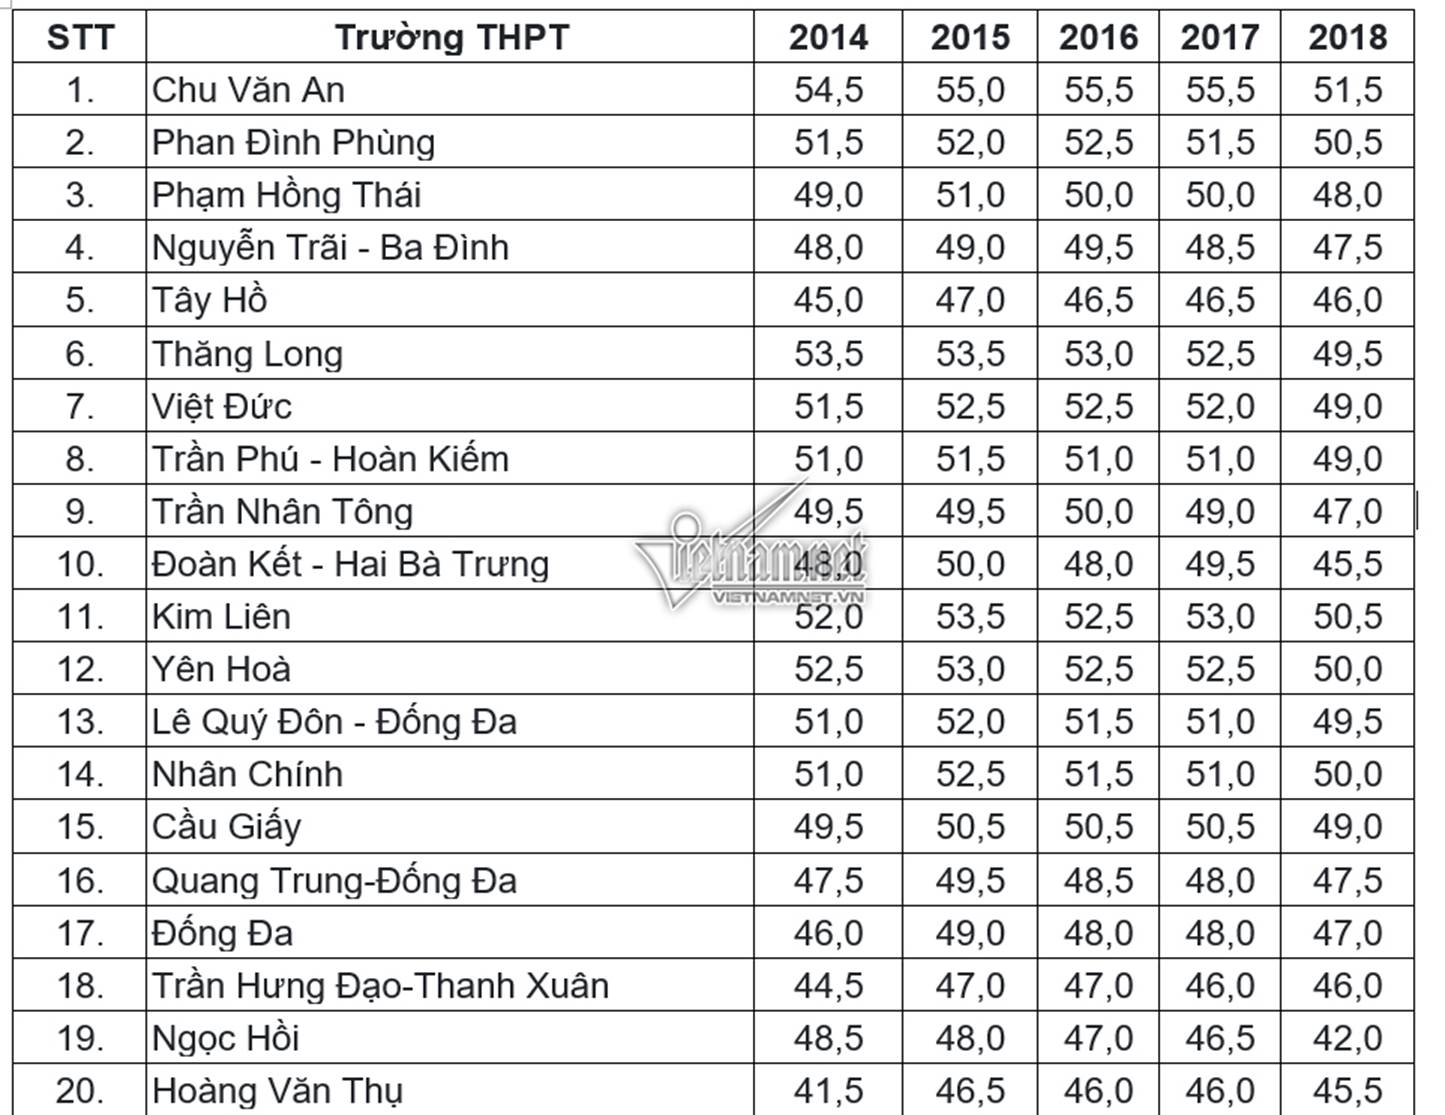 Điểm chuẩn vào lớp 10 THPT công lập tại Hà Nội trong 5 năm gần nhất-1